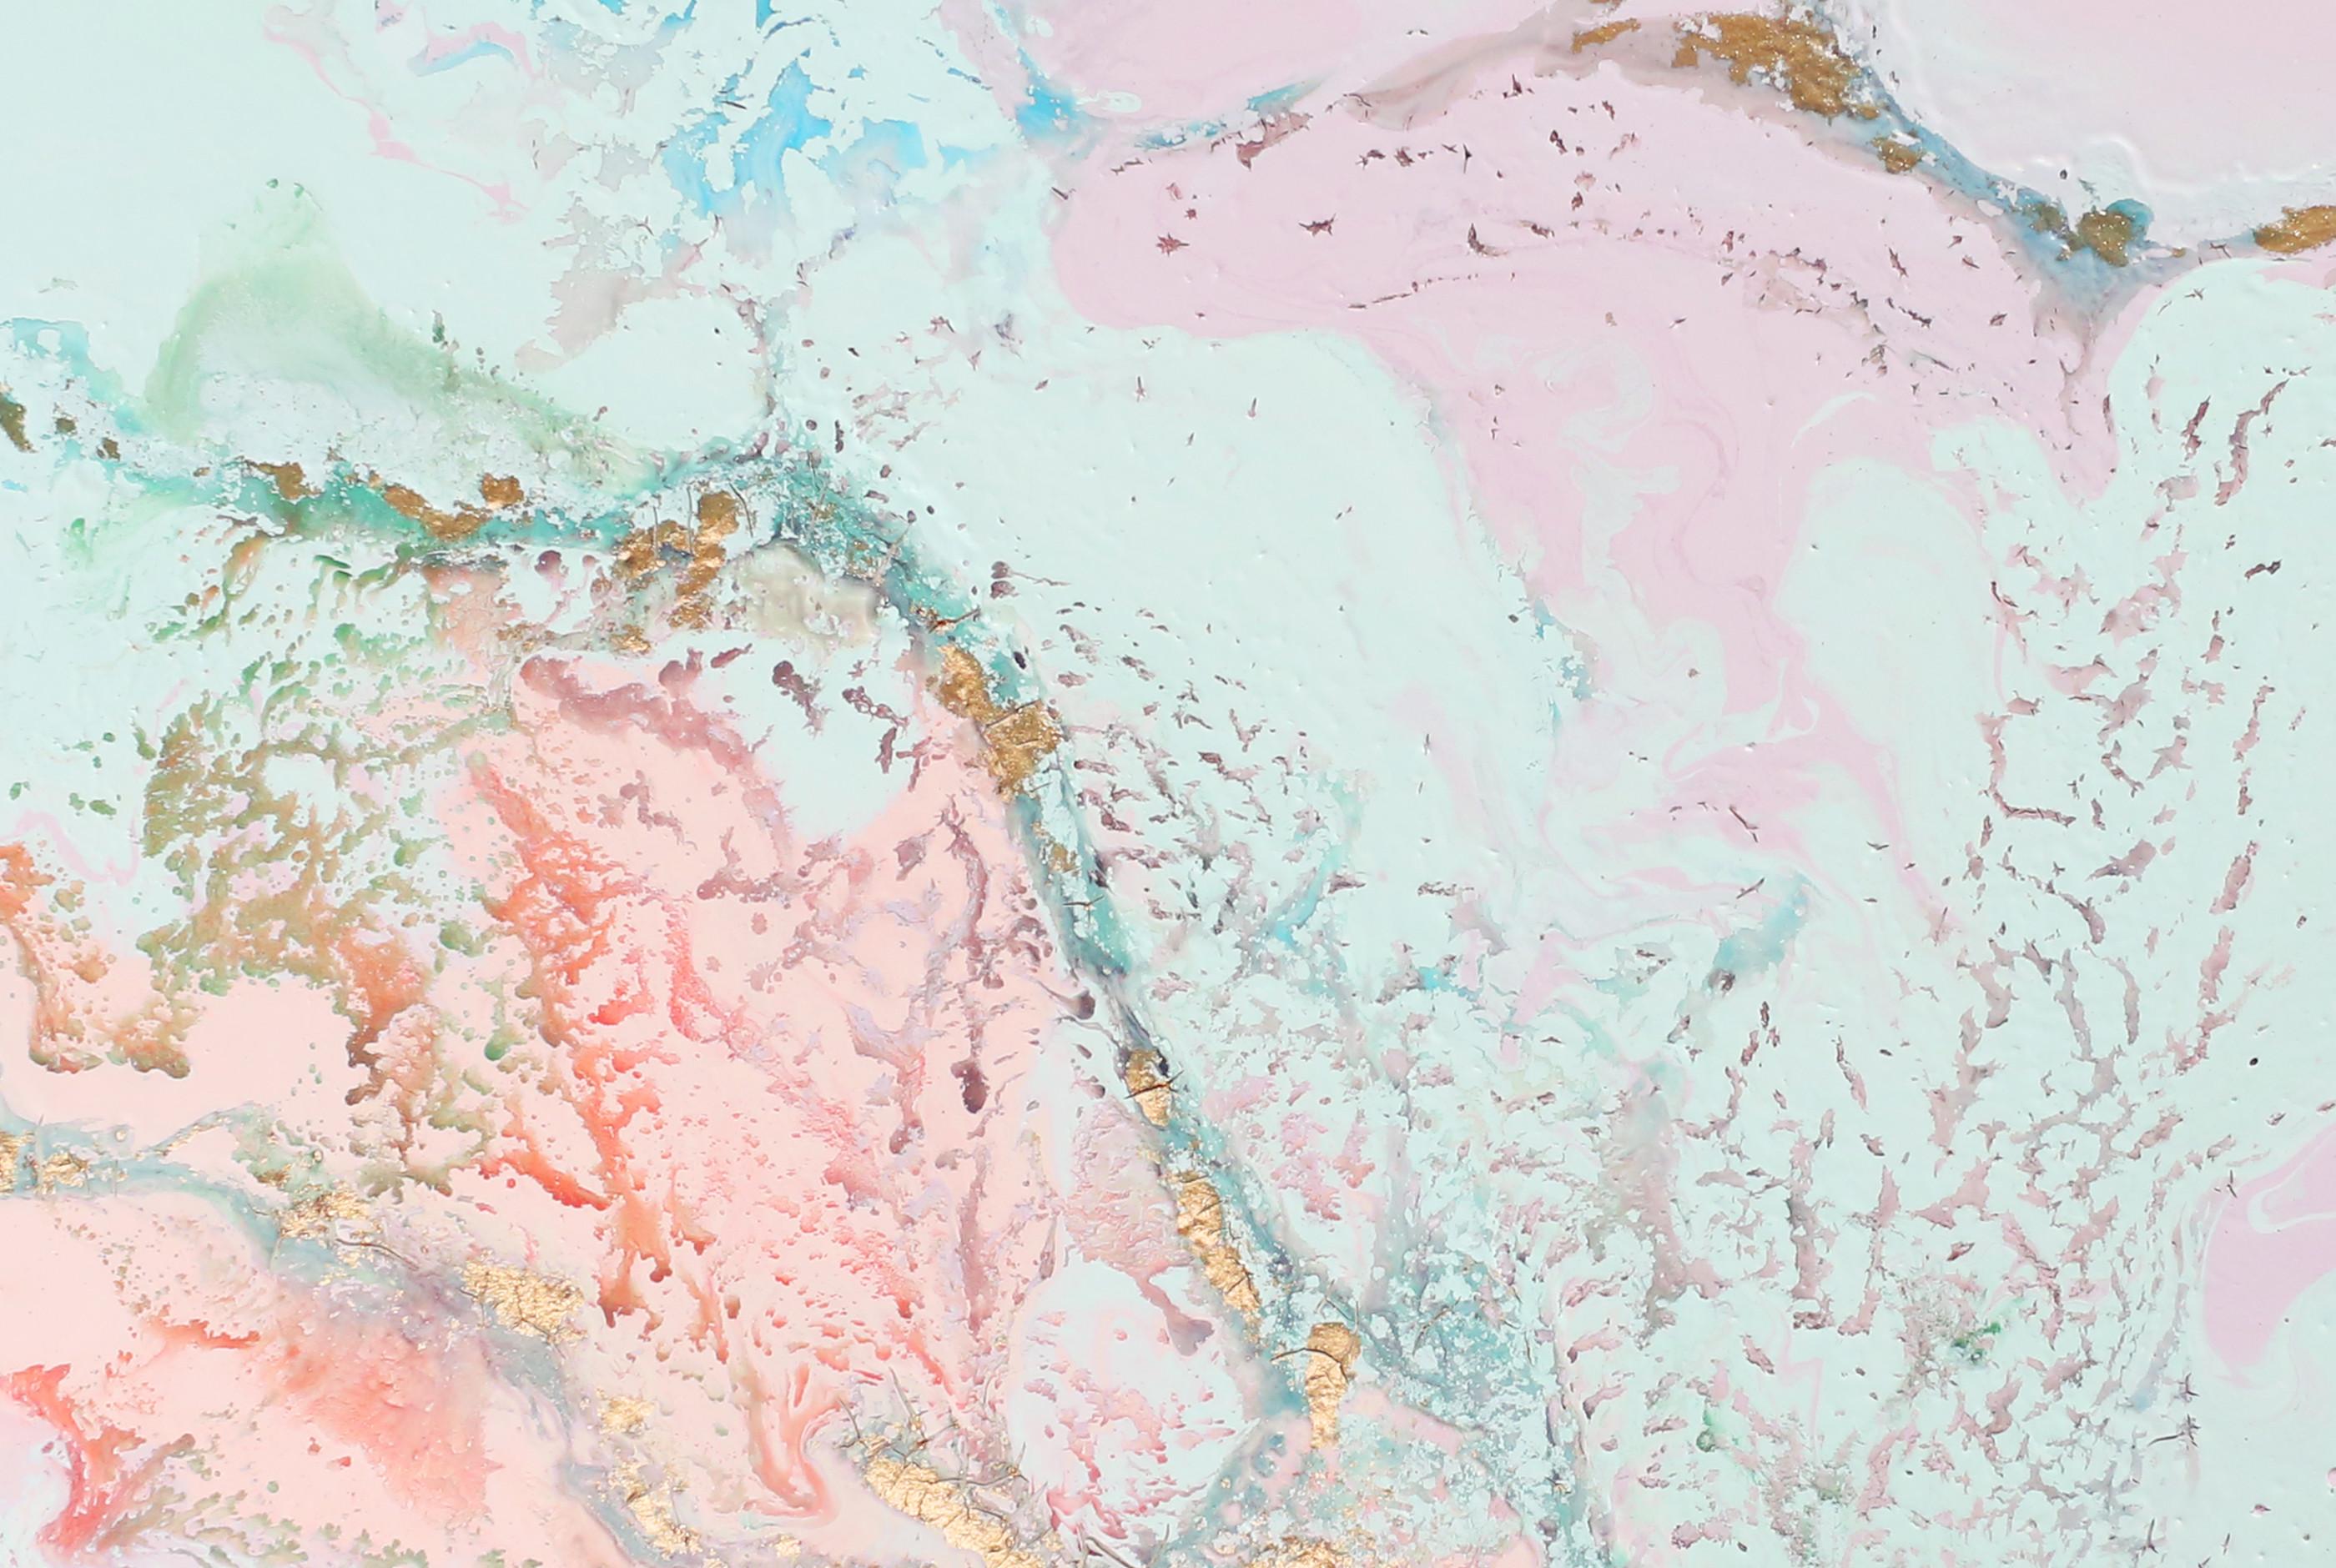 World map screensaver wallpaper 56 images 2560x1600 free desktop wallpaper downloads world map 2560x1600 1166 kb gumiabroncs Gallery